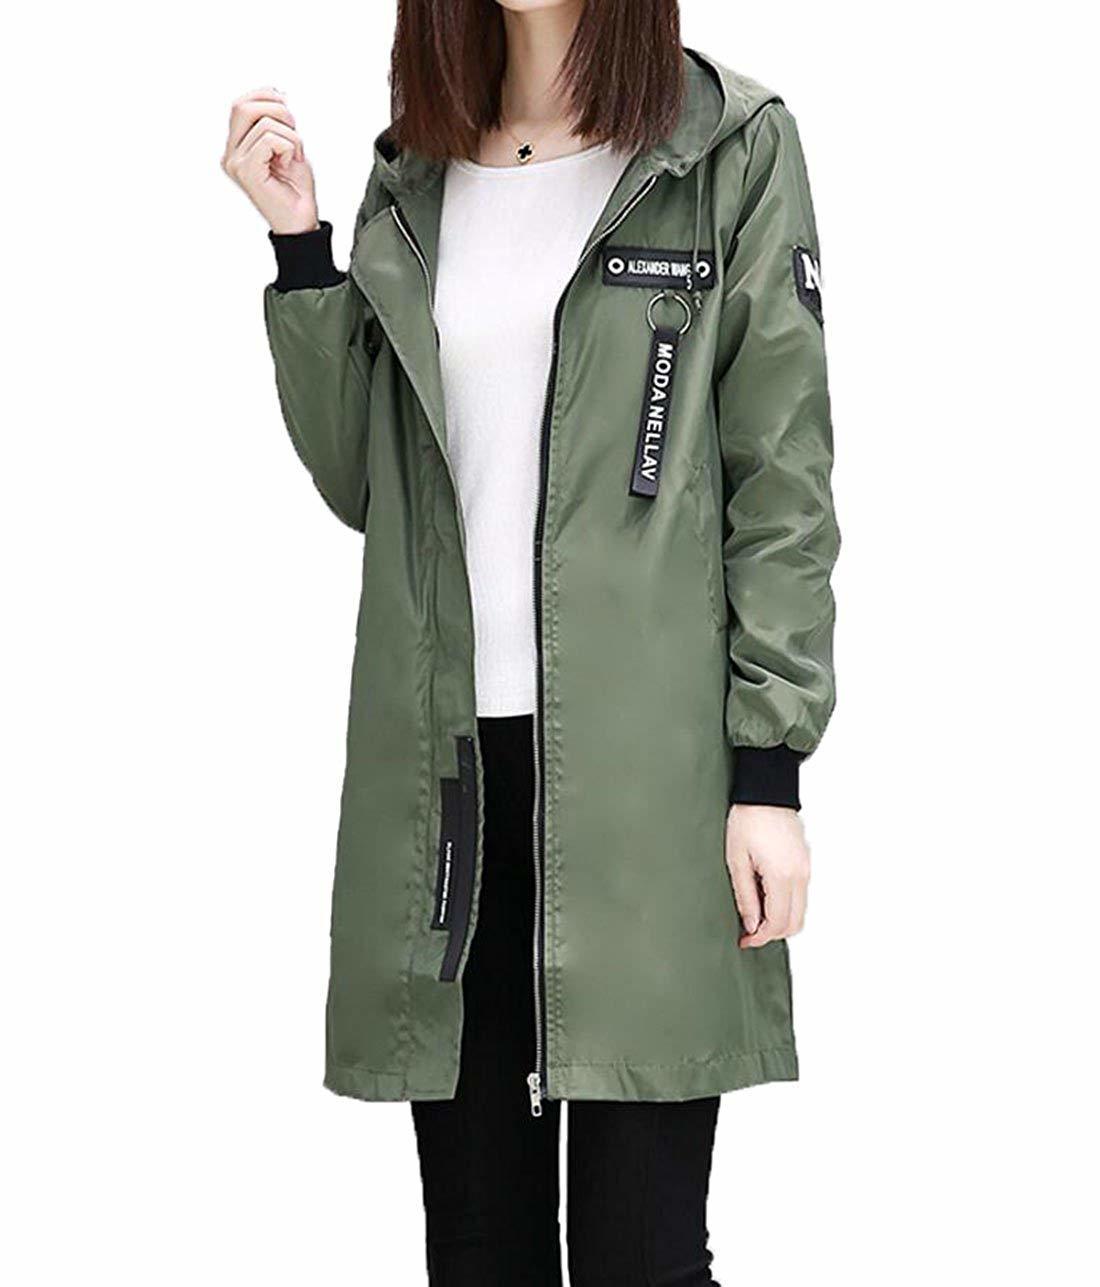 S-XINYスプリングコート レディース ジャケット 薄手 ロング コート 春 防風 通勤 通学 大きいサイズ グリーン